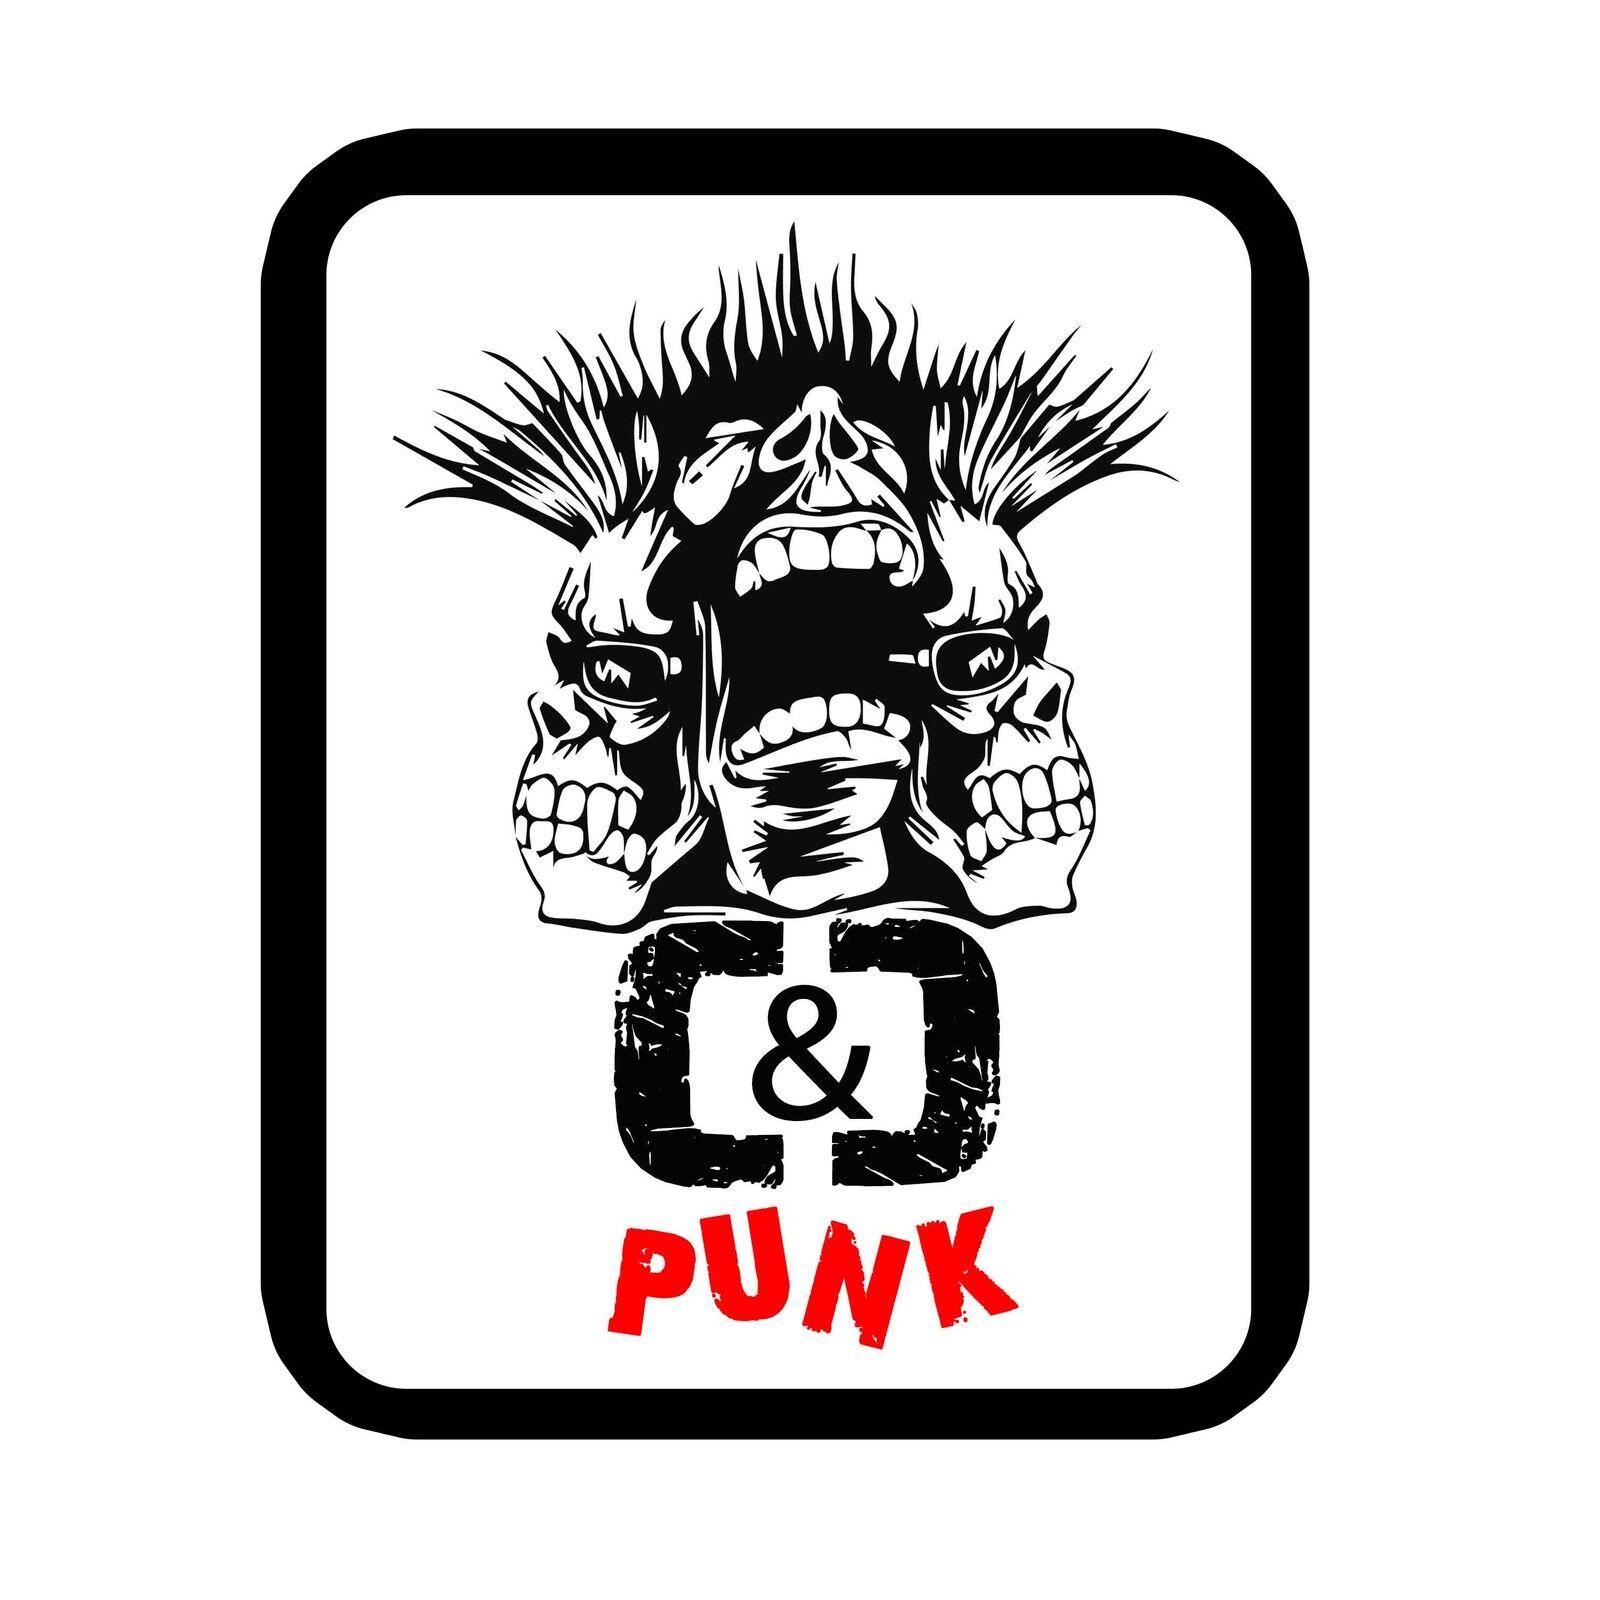 C&C PunK